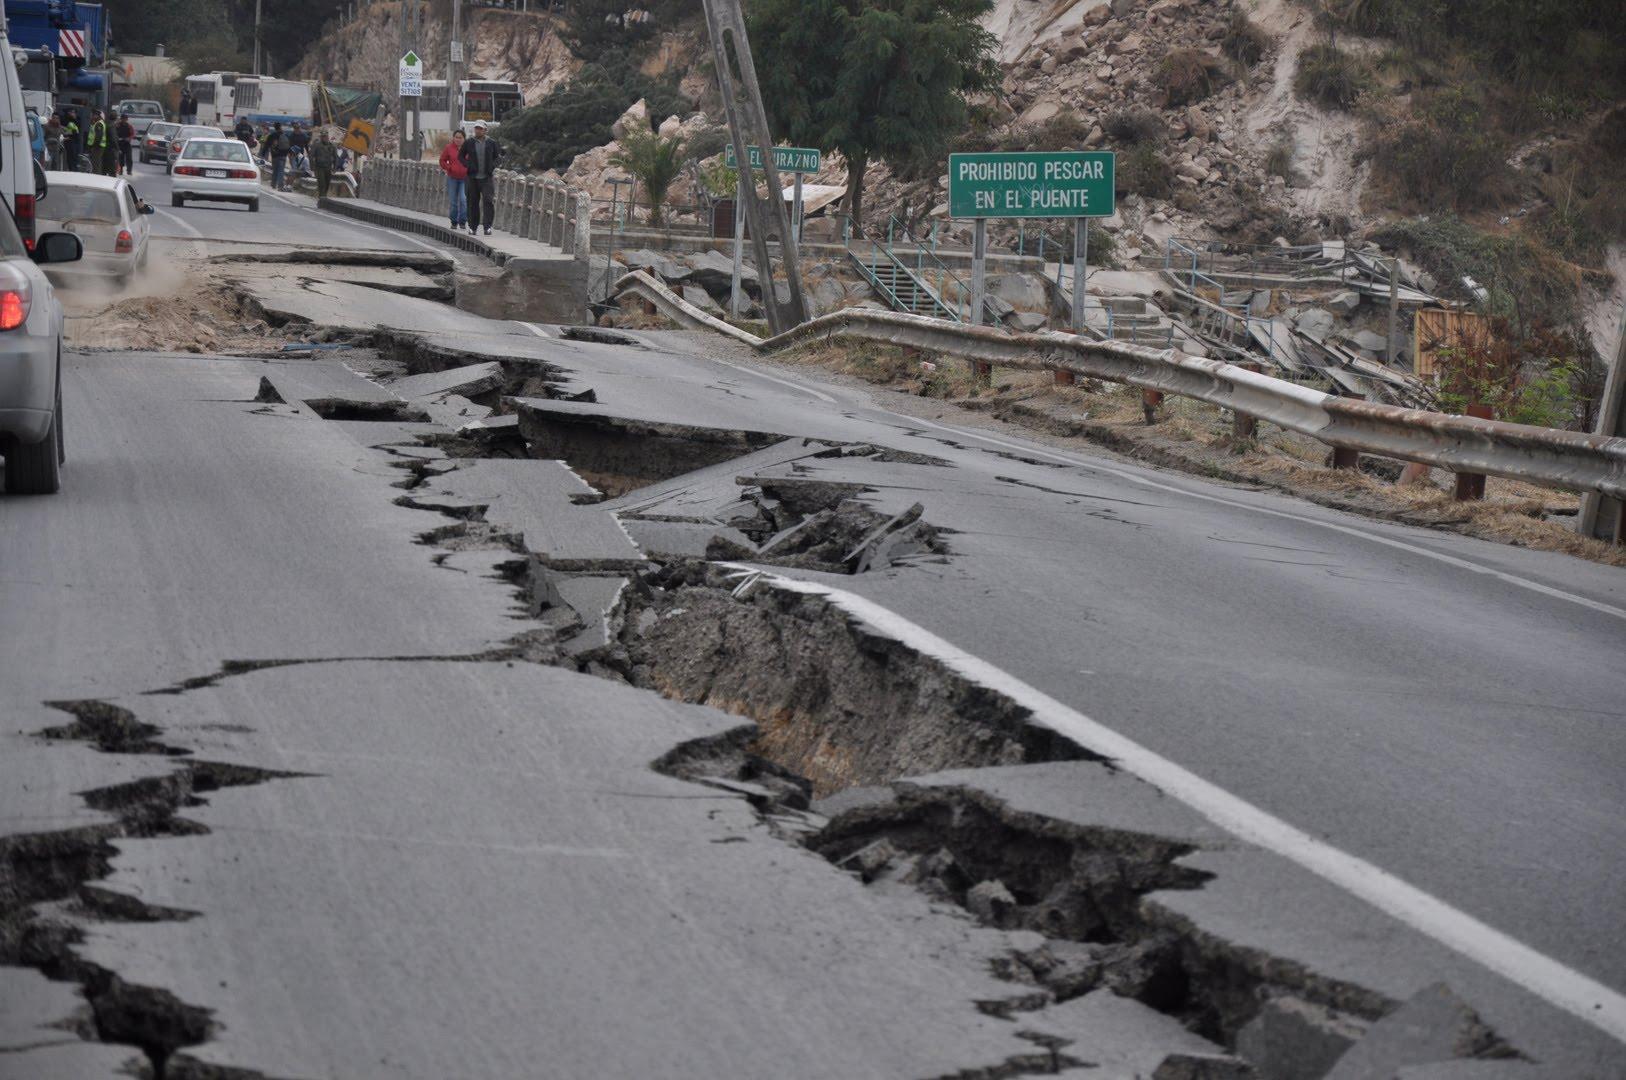 earthquake effect پیش بینی وقوع زلزله به کمک هوش مصنوعی اخبار IT